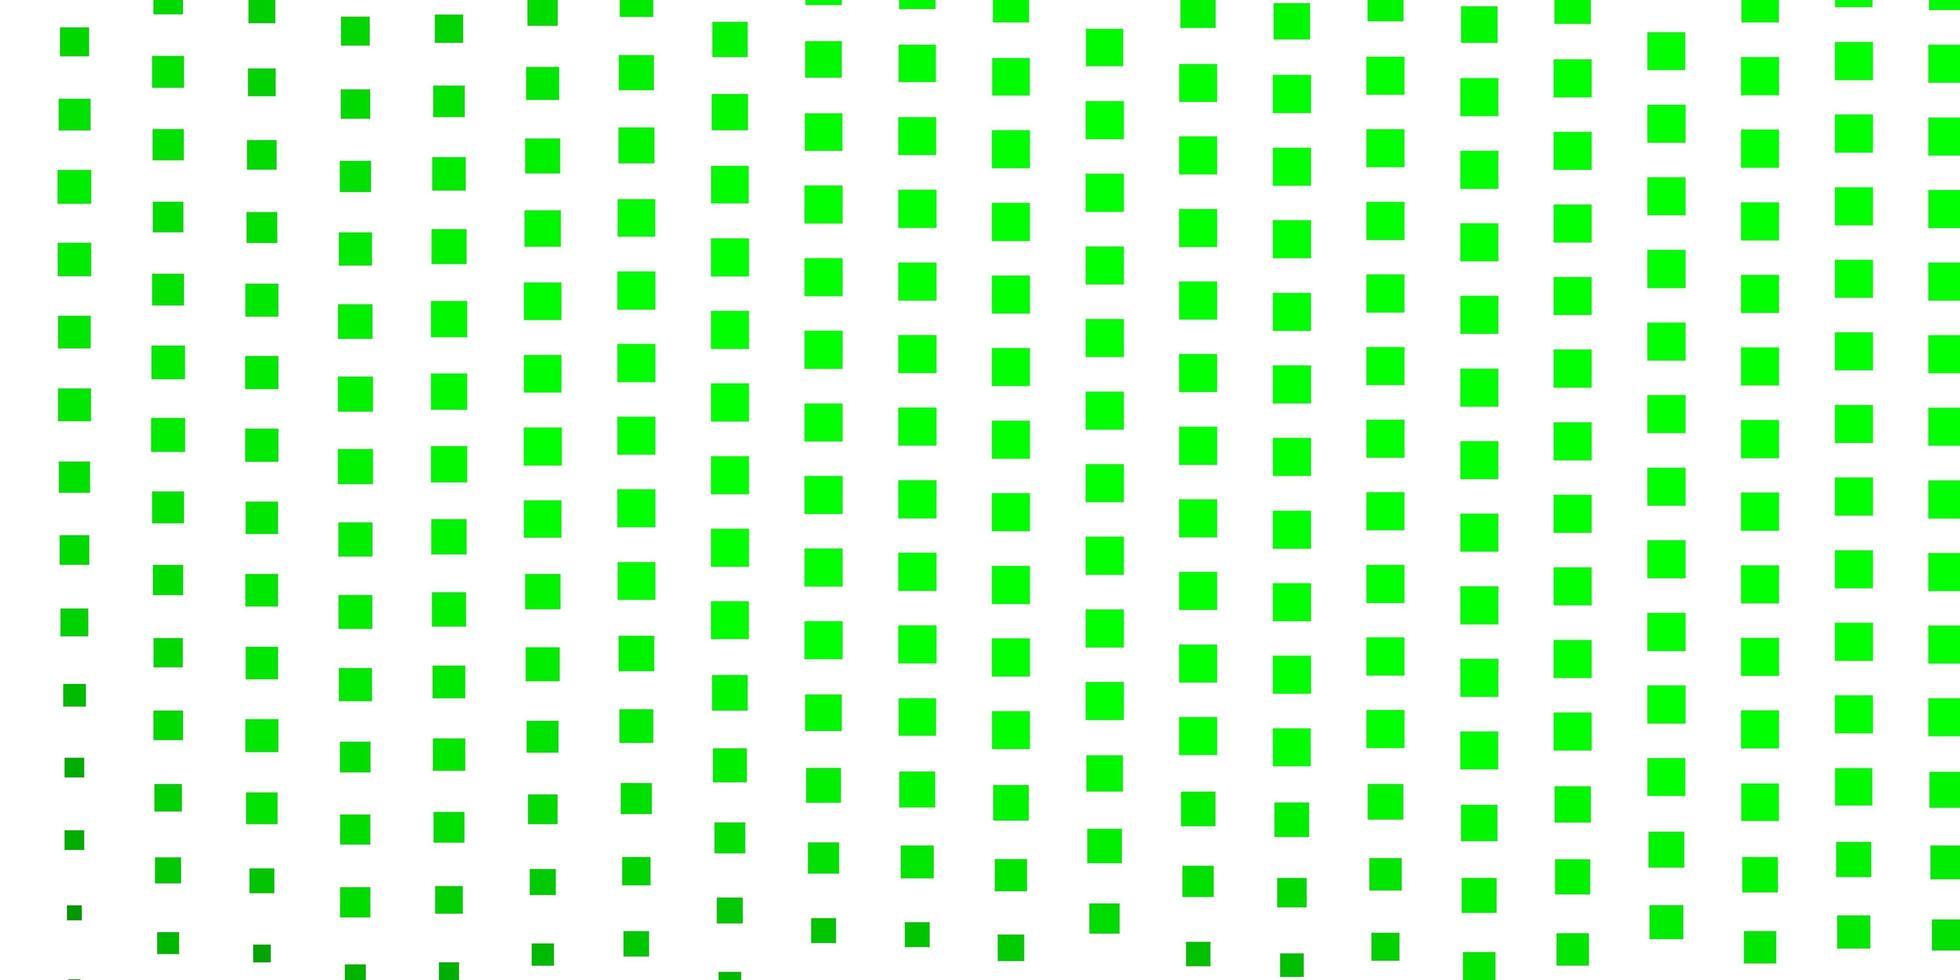 texture vecteur vert clair dans un style rectangulaire.